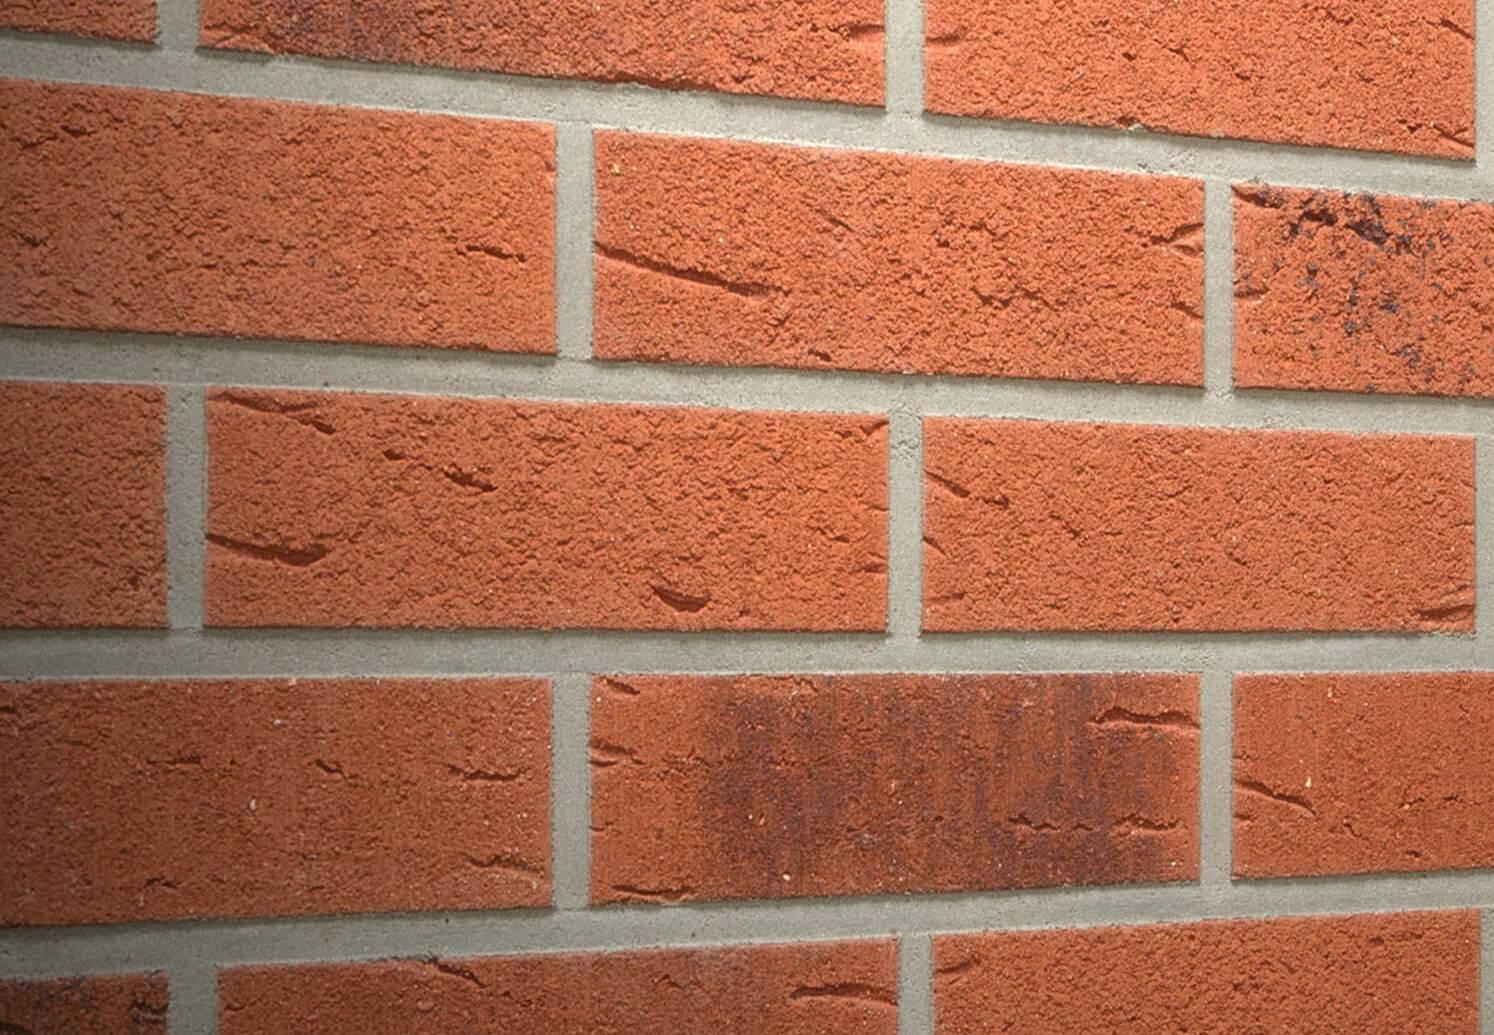 Feldhaus Klinker - R488NF9, Classic Terreno Rustico, 240x9x71 - Клинкерная плитка для фасада и внутренней отделки